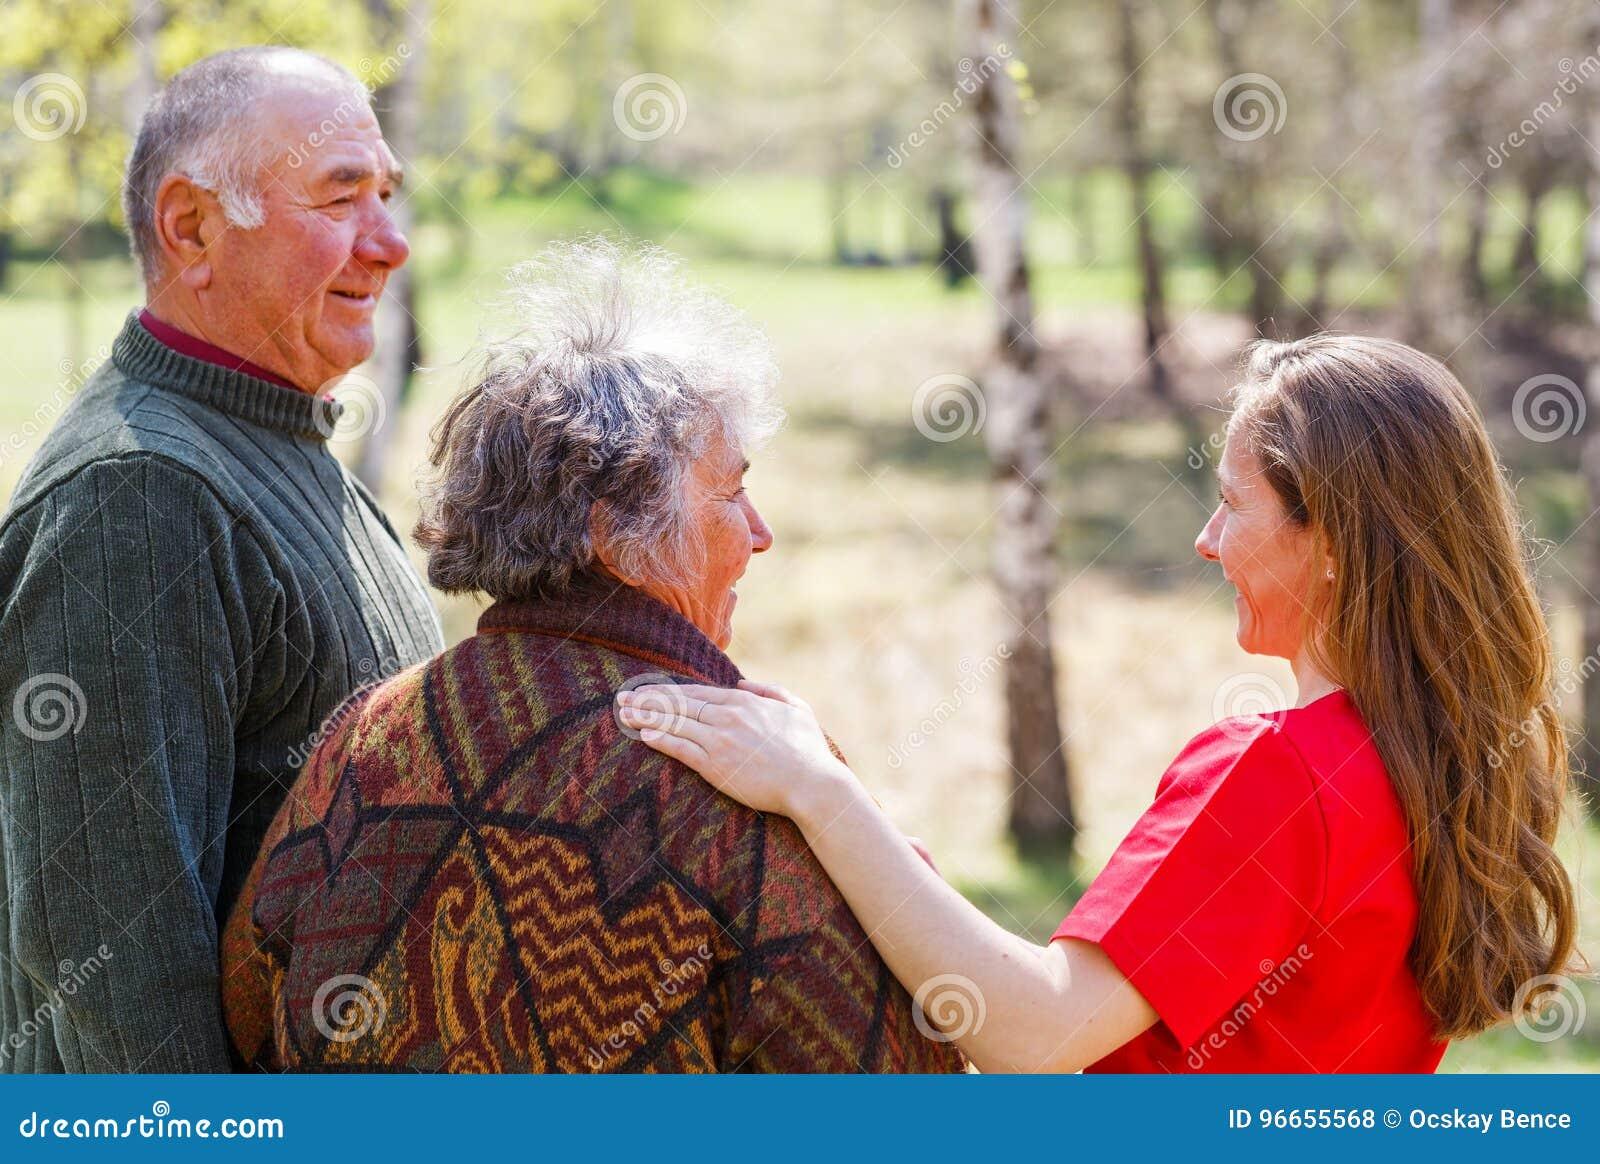 пожилая и молодые видео хентай смотреть